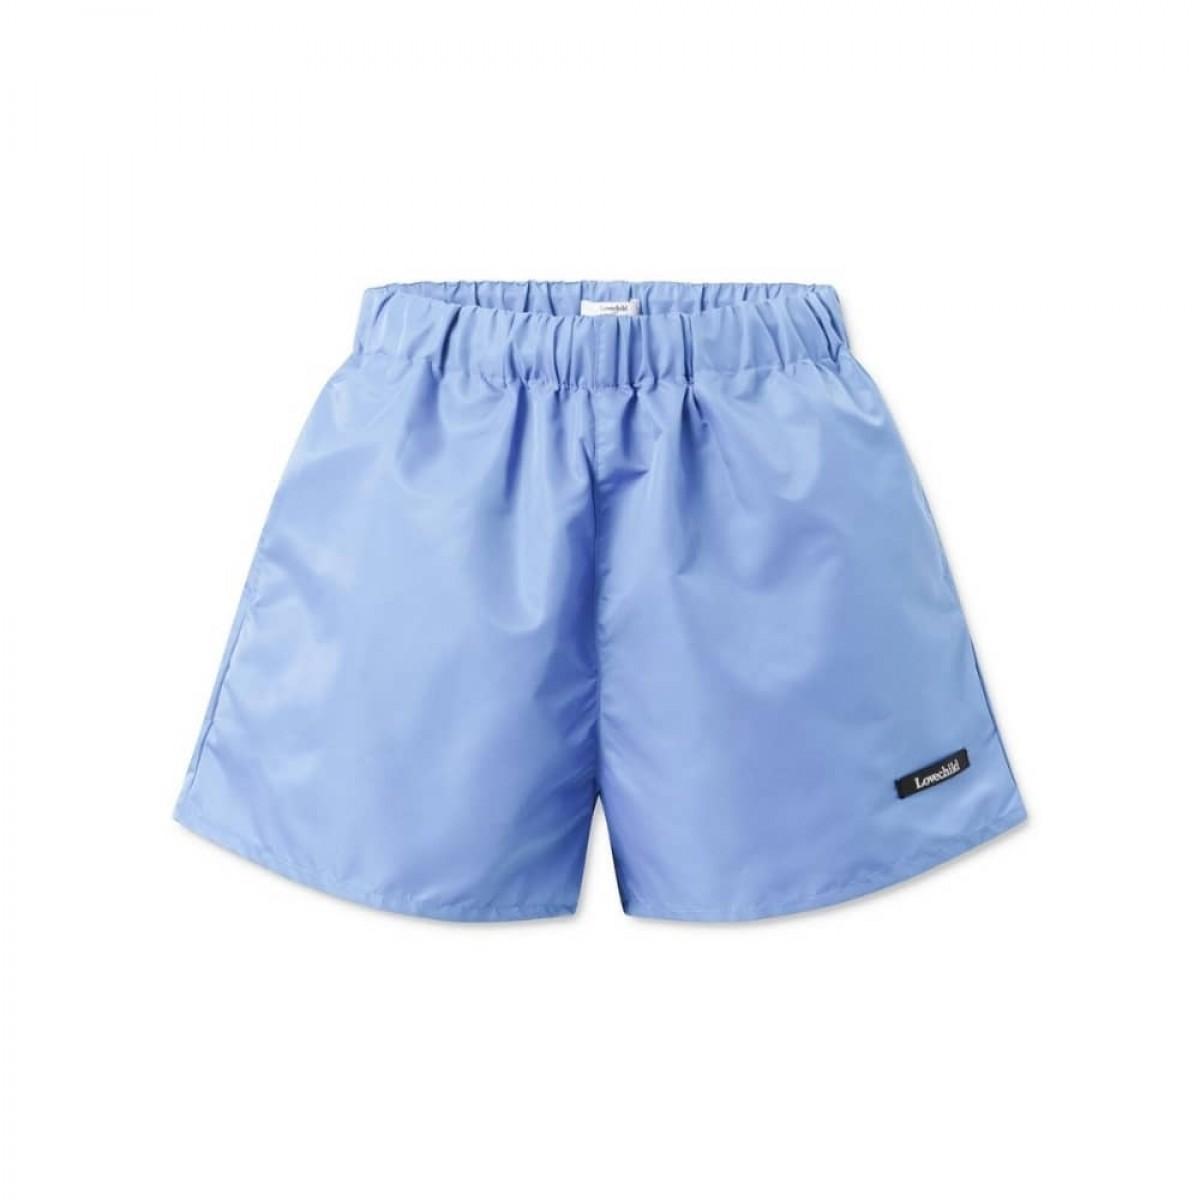 alessio shorts - sky blue